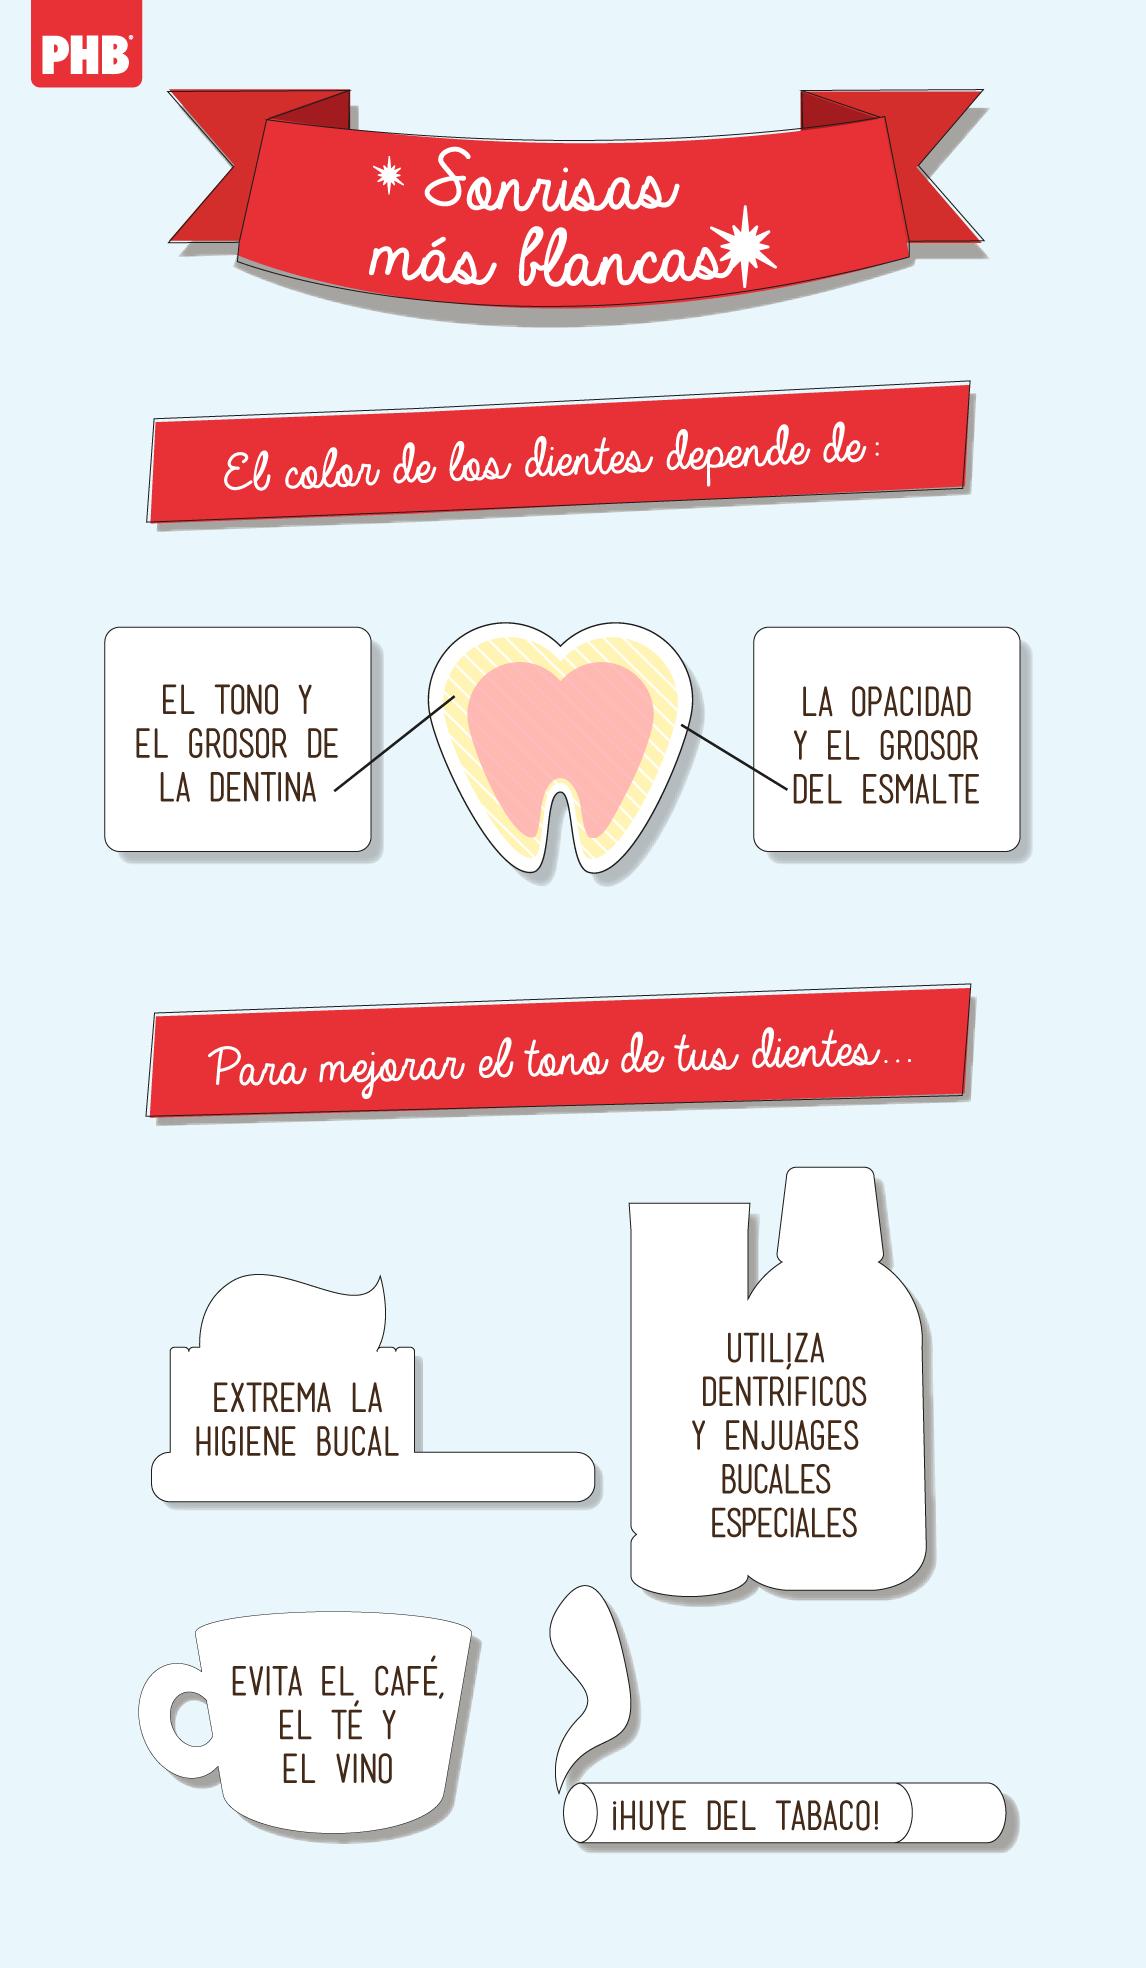 #Infografia sobre blanqueamiento dental